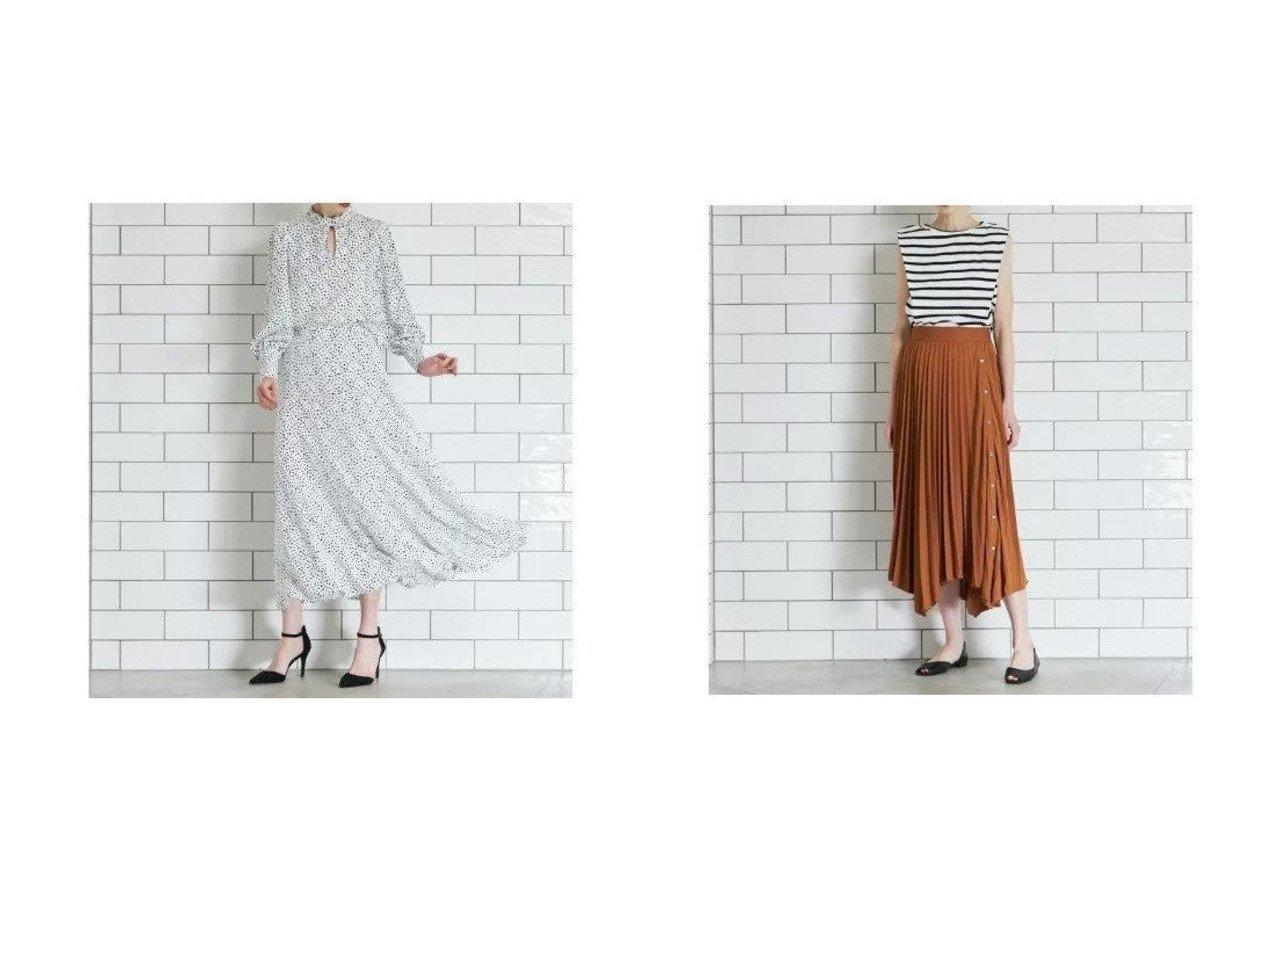 【CLEAR IMPRESSION/クリアインプレッション】の《INED CLARO》カットプリーツスカート&《INED CLARO》ダルメシアンプリントフレアスカート 【スカート】おすすめ!人気、トレンド・レディースファッションの通販 おすすめで人気の流行・トレンド、ファッションの通販商品 メンズファッション・キッズファッション・インテリア・家具・レディースファッション・服の通販 founy(ファニー) https://founy.com/ ファッション Fashion レディースファッション WOMEN スカート Skirt プリーツスカート Pleated Skirts Aライン/フレアスカート Flared A-Line Skirts カットソー スリット ドット フロント プリーツ レギンス セットアップ フレアースカート |ID:crp329100000029129